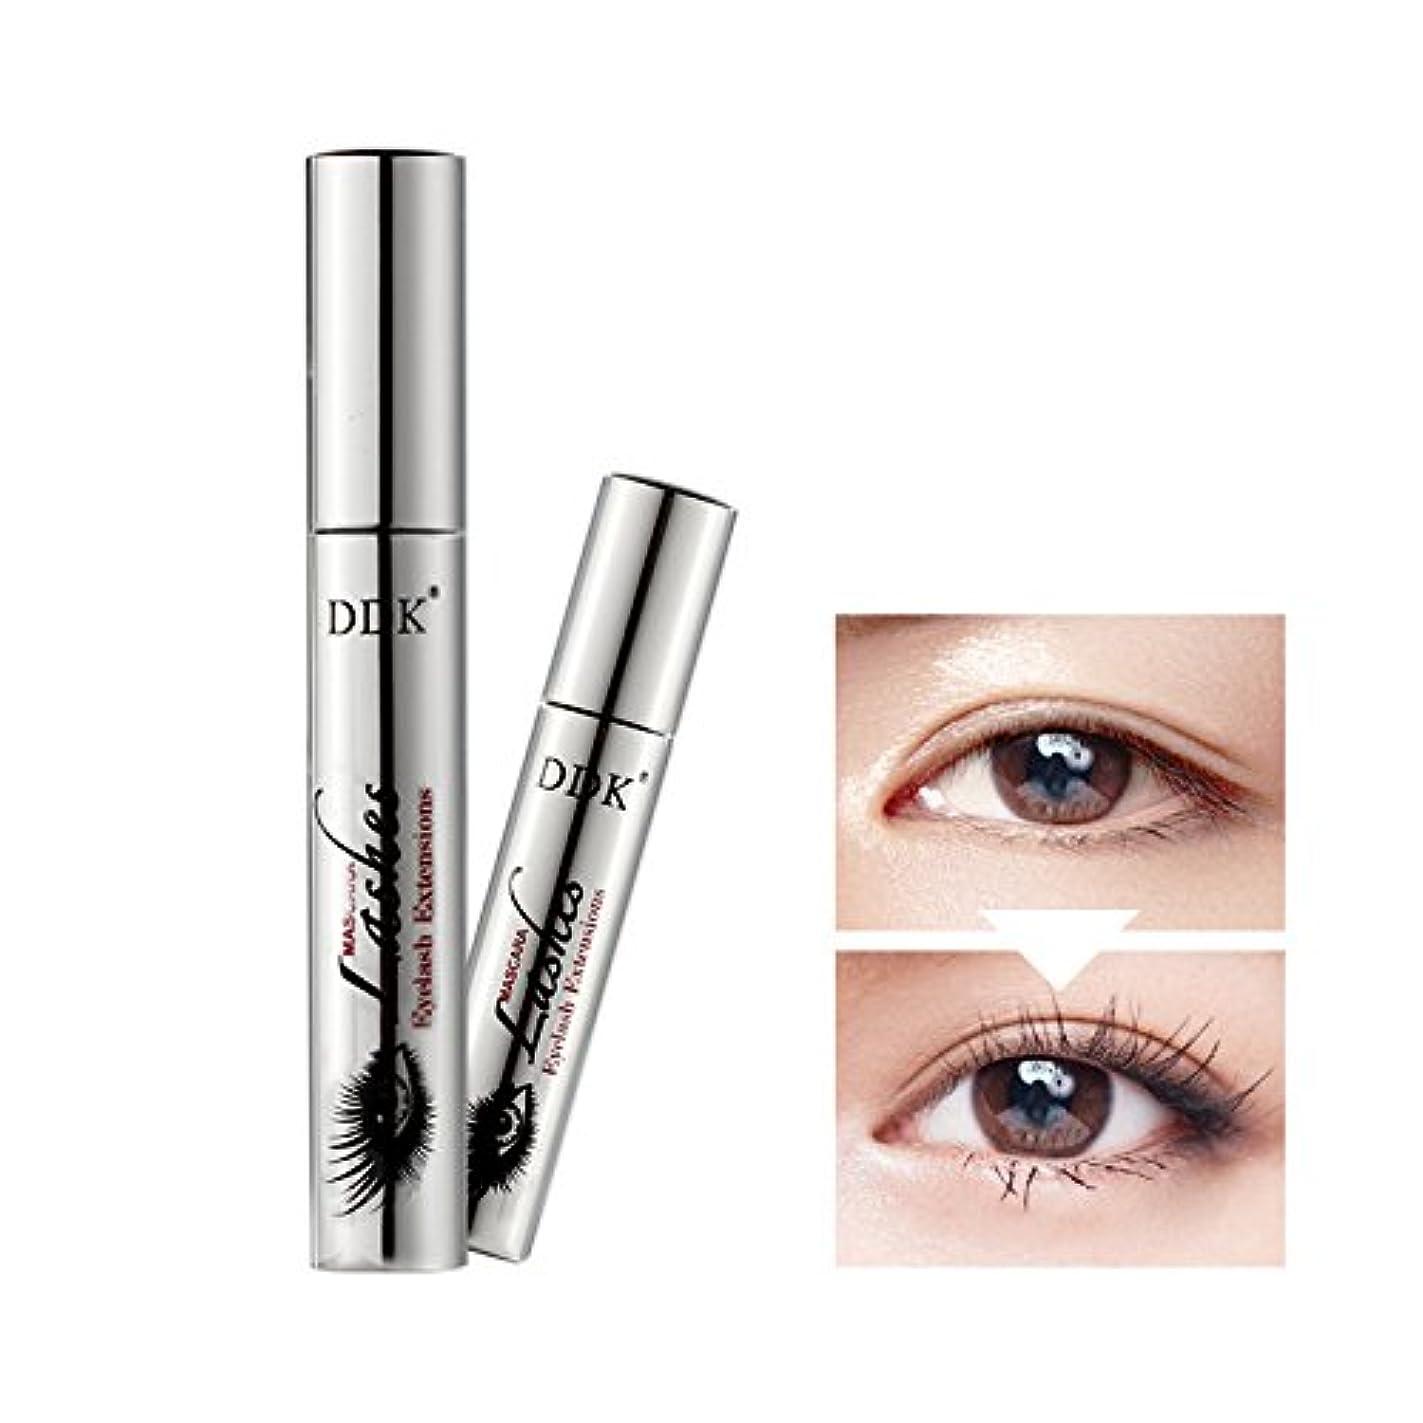 シルエット一時停止量Beautygram DDK 4D MASCARA 4D マスカラ Long Extension Amazing Eyelash ロング エクステンション アメージング まつ毛 [並行輸入品]